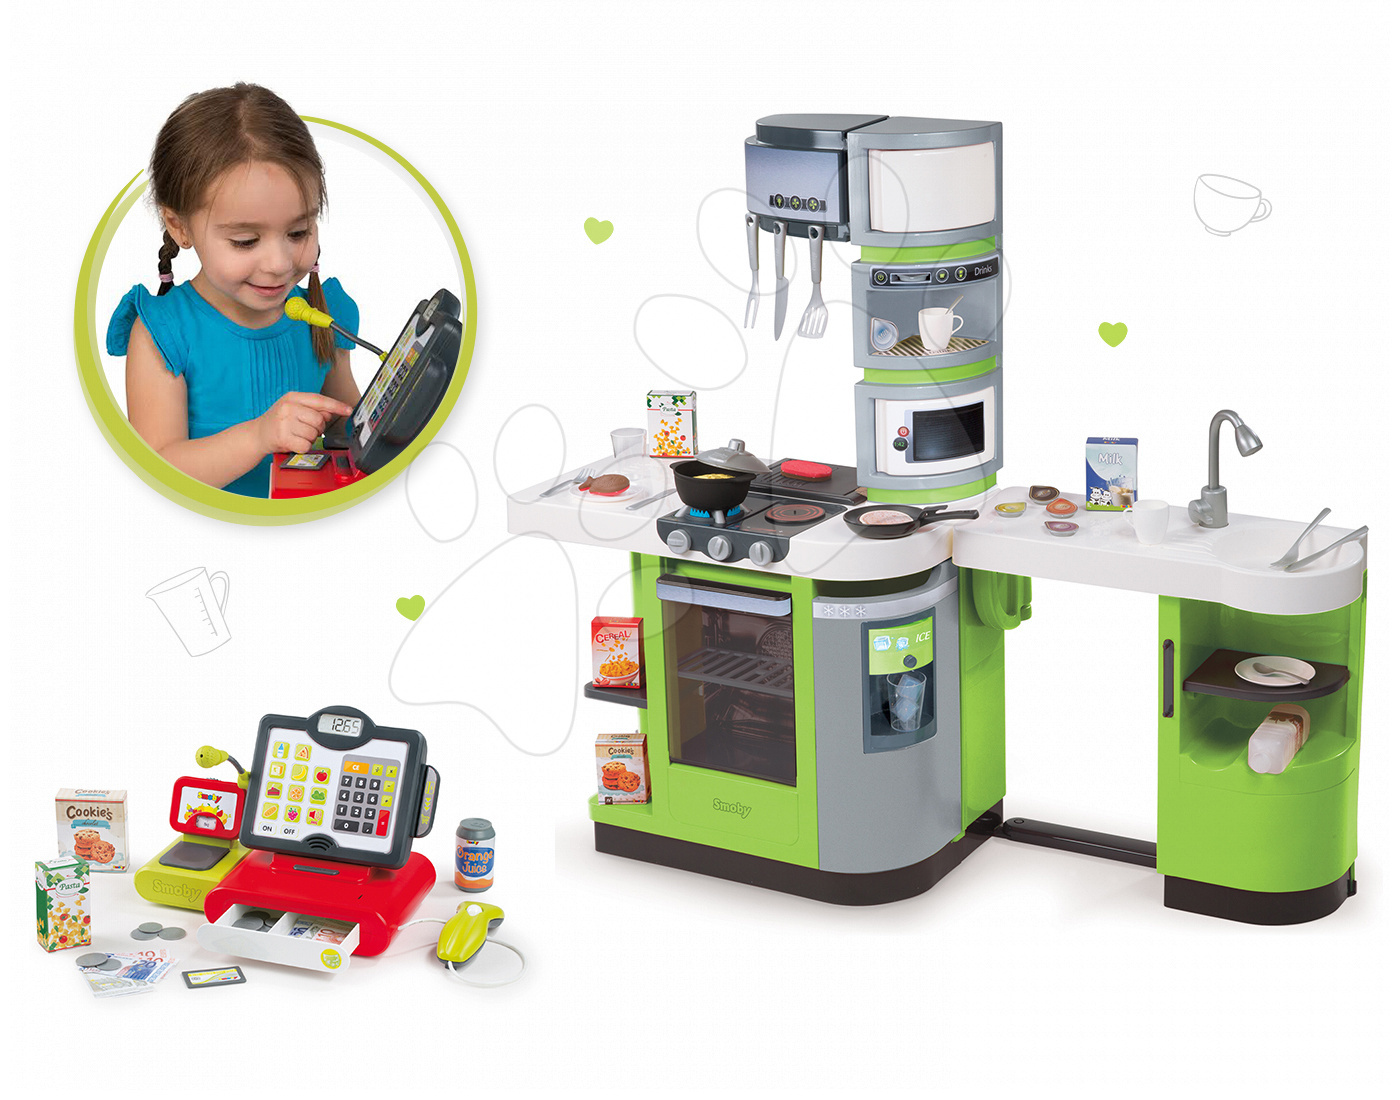 Set kuchyňka CookMaster Verte Smoby s ledem a zvuky a dotyková elektronická pokladna s funkcemi